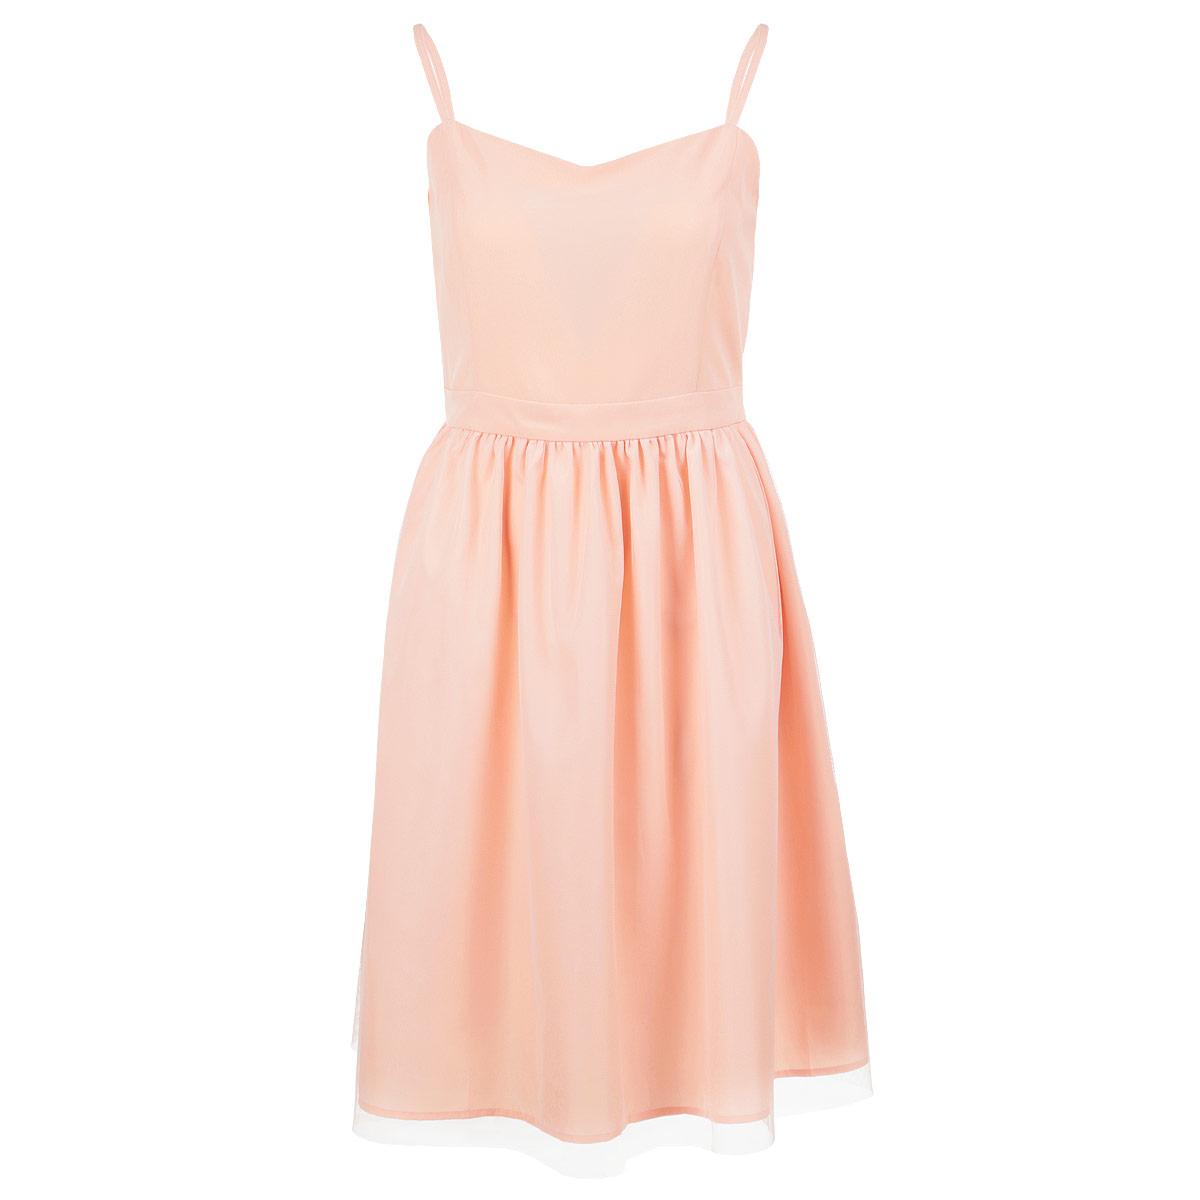 Платье. 535520535520Оригинальное платье People на тонких регулируемых бретелях выполнено из легкого и приятного на ощупь материала. Платье сбоку застегивается на потайную застежку-молнию. Модель приталенного силуэта с пышной юбкой длины миди. Верхняя юбка выполнена из микросетки. Стильное платье выгодно освежит и разнообразит любой гардероб. Создайте женственный образ и подчеркните свою яркую индивидуальность!